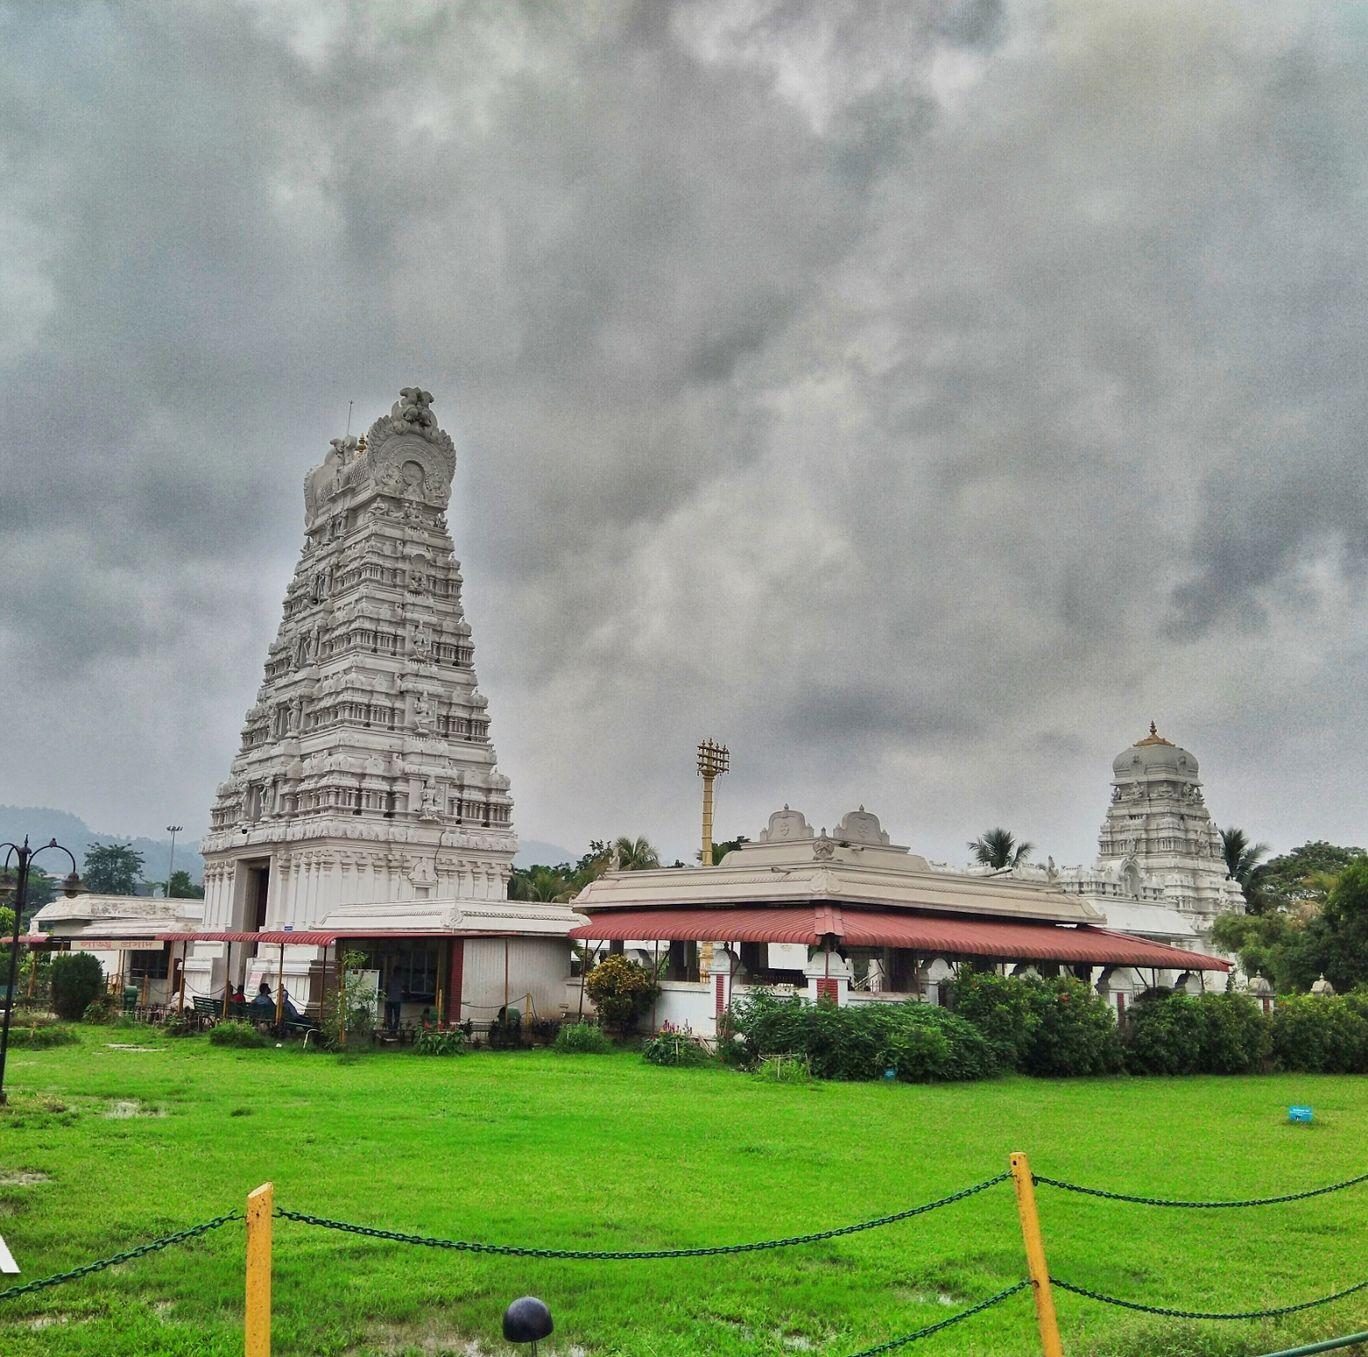 Photo of Purva Tirupati Sri Balaji Mandir Guwahati By Mohit Mishra